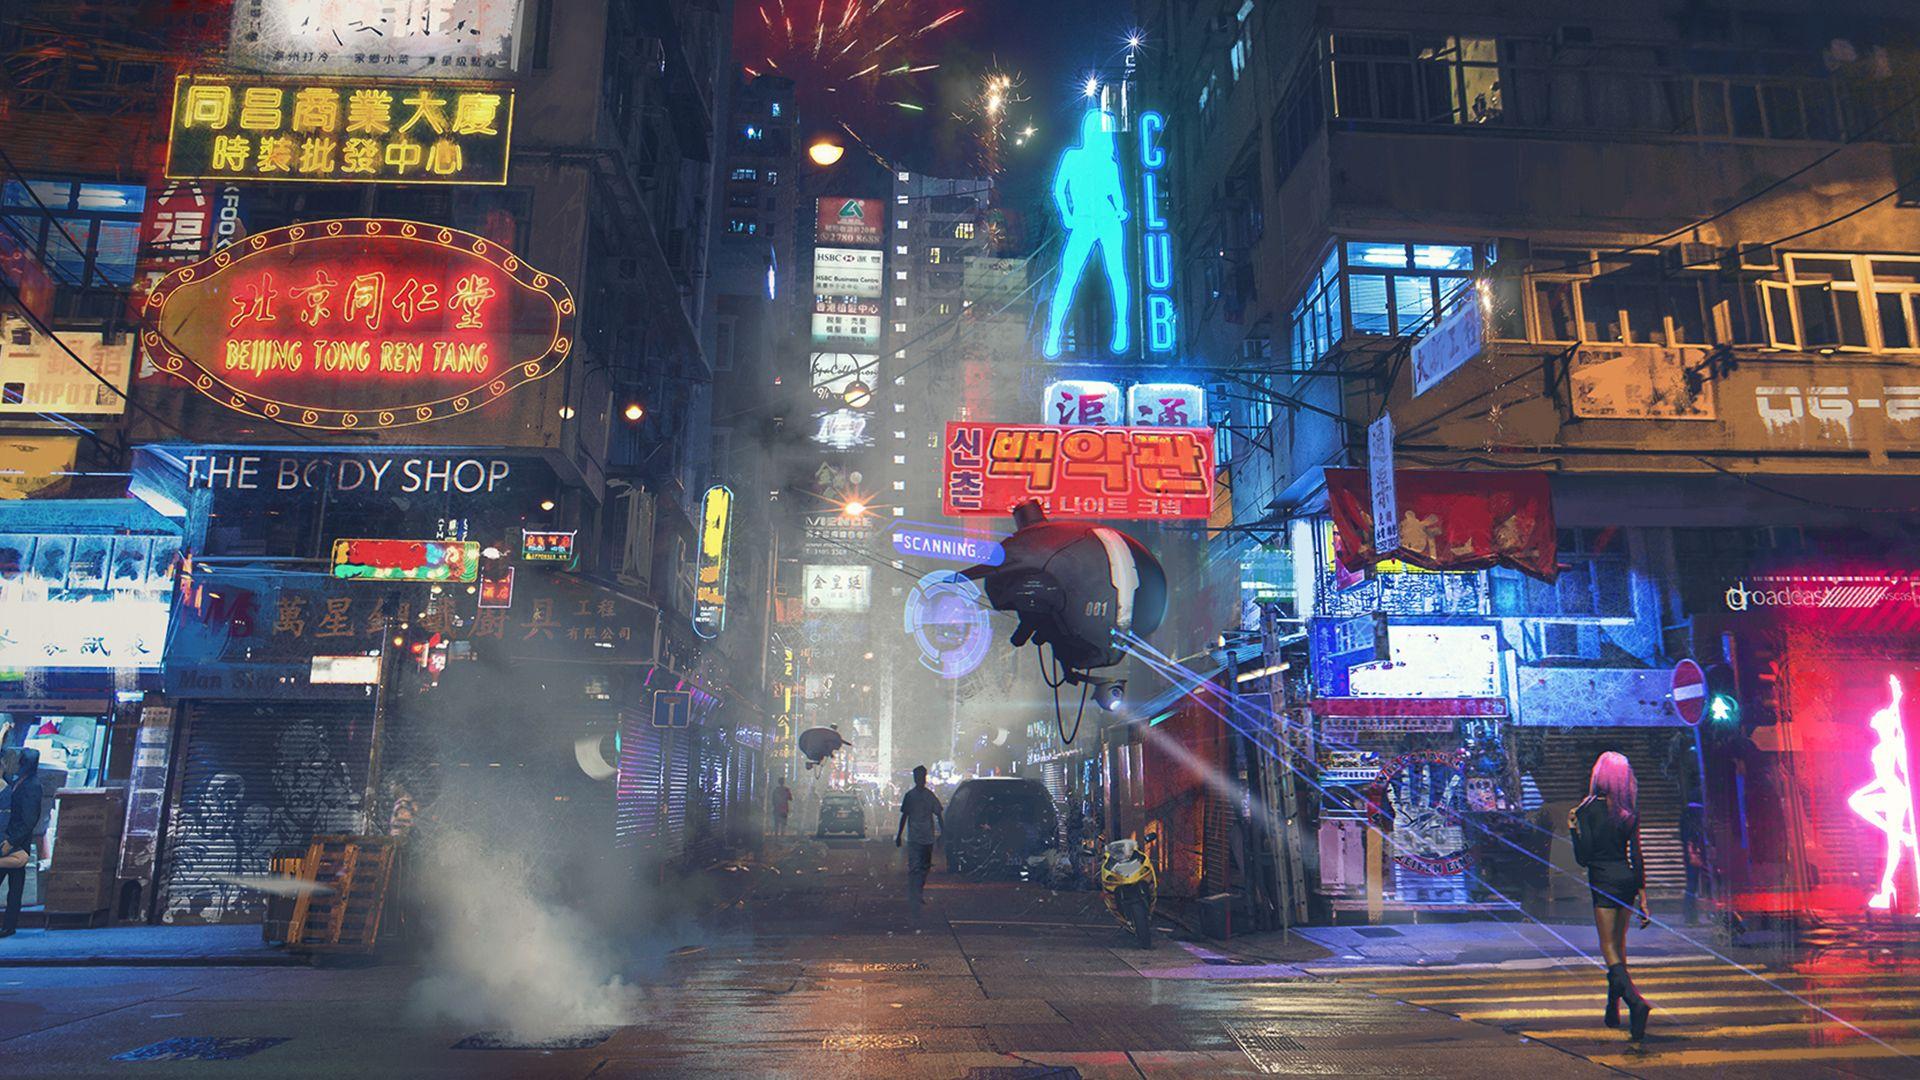 cyberpunk ish wallpaper dump 1080p cyberpunk and sci fi